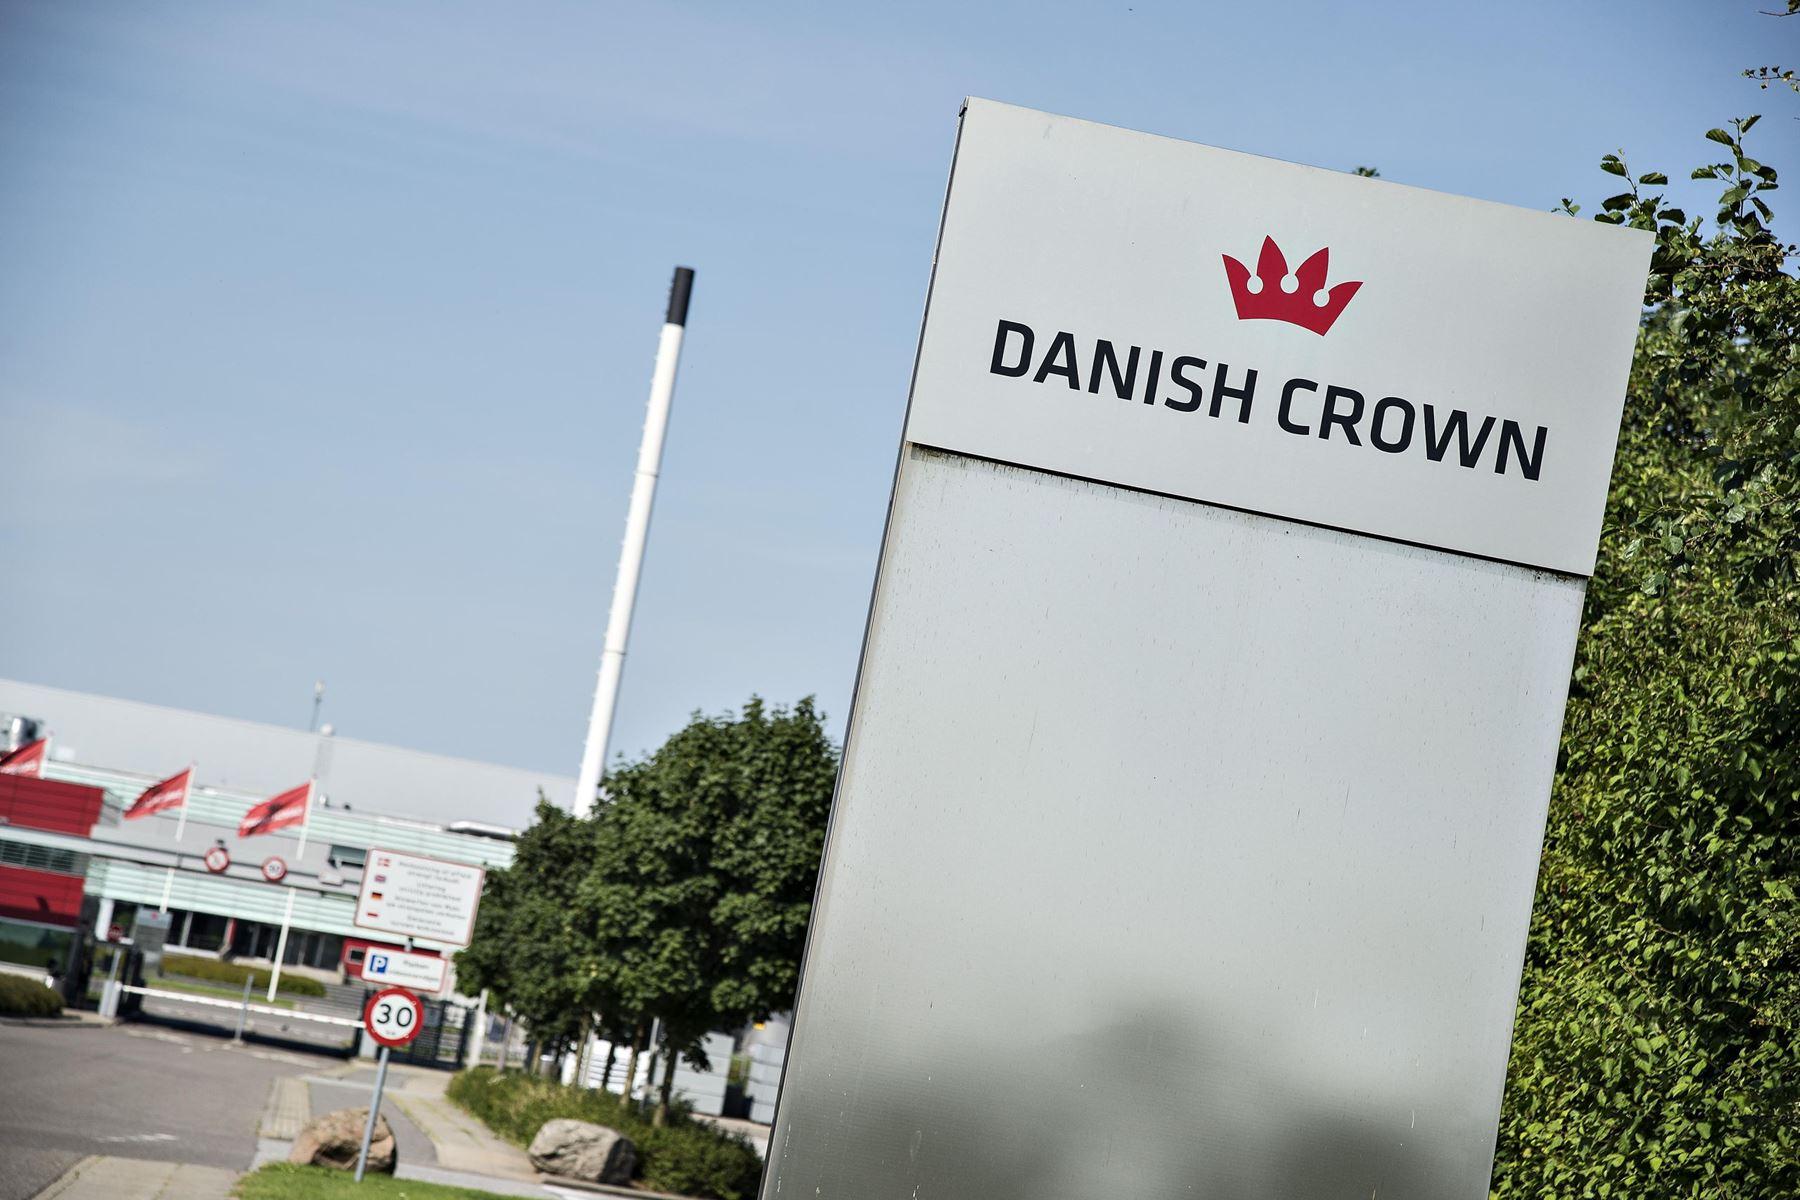 Kødkoncernen Danish Crown og dets samarbejdspartnere må tage skærtorsdag i brug for at mætte kinesiske maver.